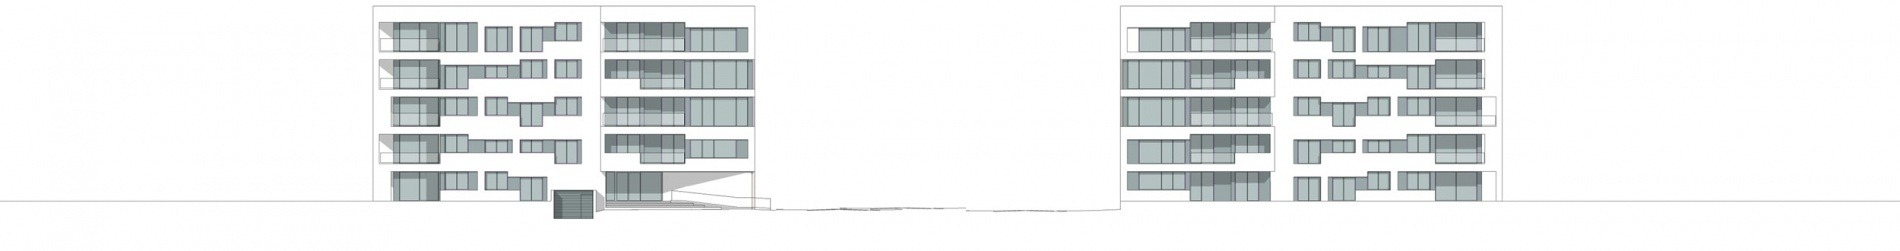 Wohnungsbau Stadtwerder Zeichnung Ansicht längs